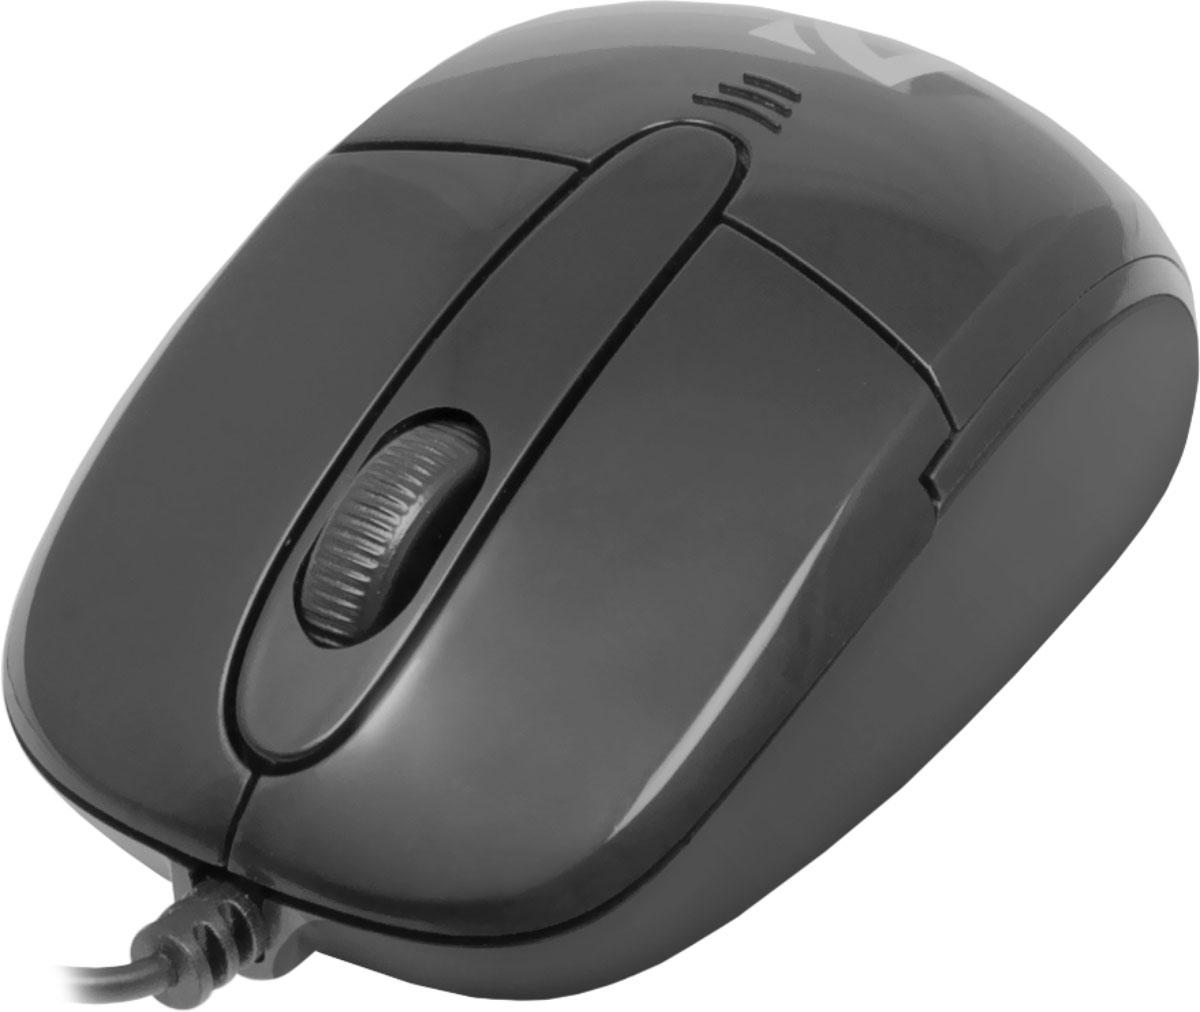 Defender Optimum MS-130, Black проводная оптическая мышь52130Мышь Defender Datum MB-060 легко взять с собой. Устройство может работать практически на любой поверхности. Оптический сенсор обеспечивает максимально точное позиционирование курсора. Тонкий и гибкий кабель отличается прочностью и надежностью, а его длина оптимальна для ноутбука. Благодаря симметричной форме эта мышка подходит как правшам, так и левшам.